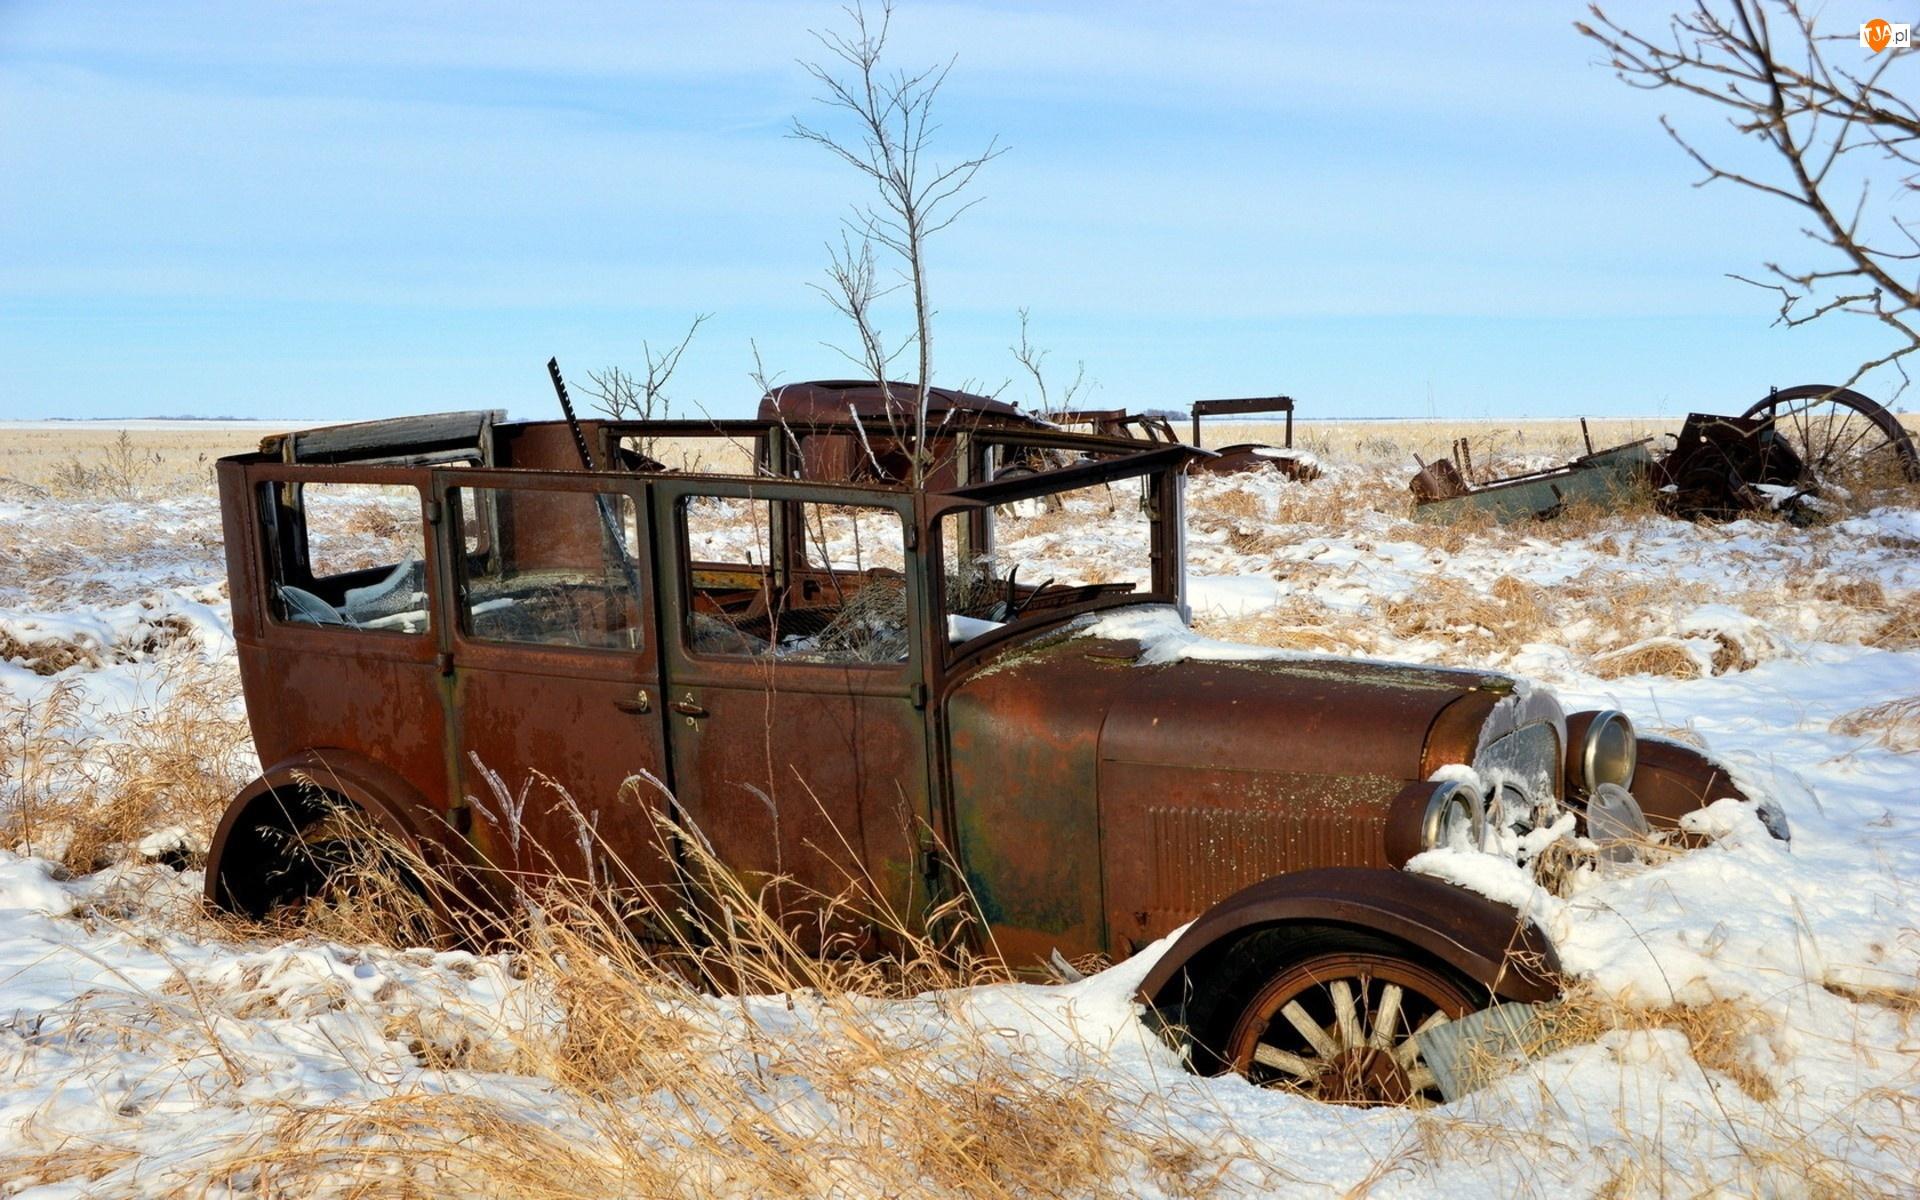 Samochód, Zima, Zabytkowy